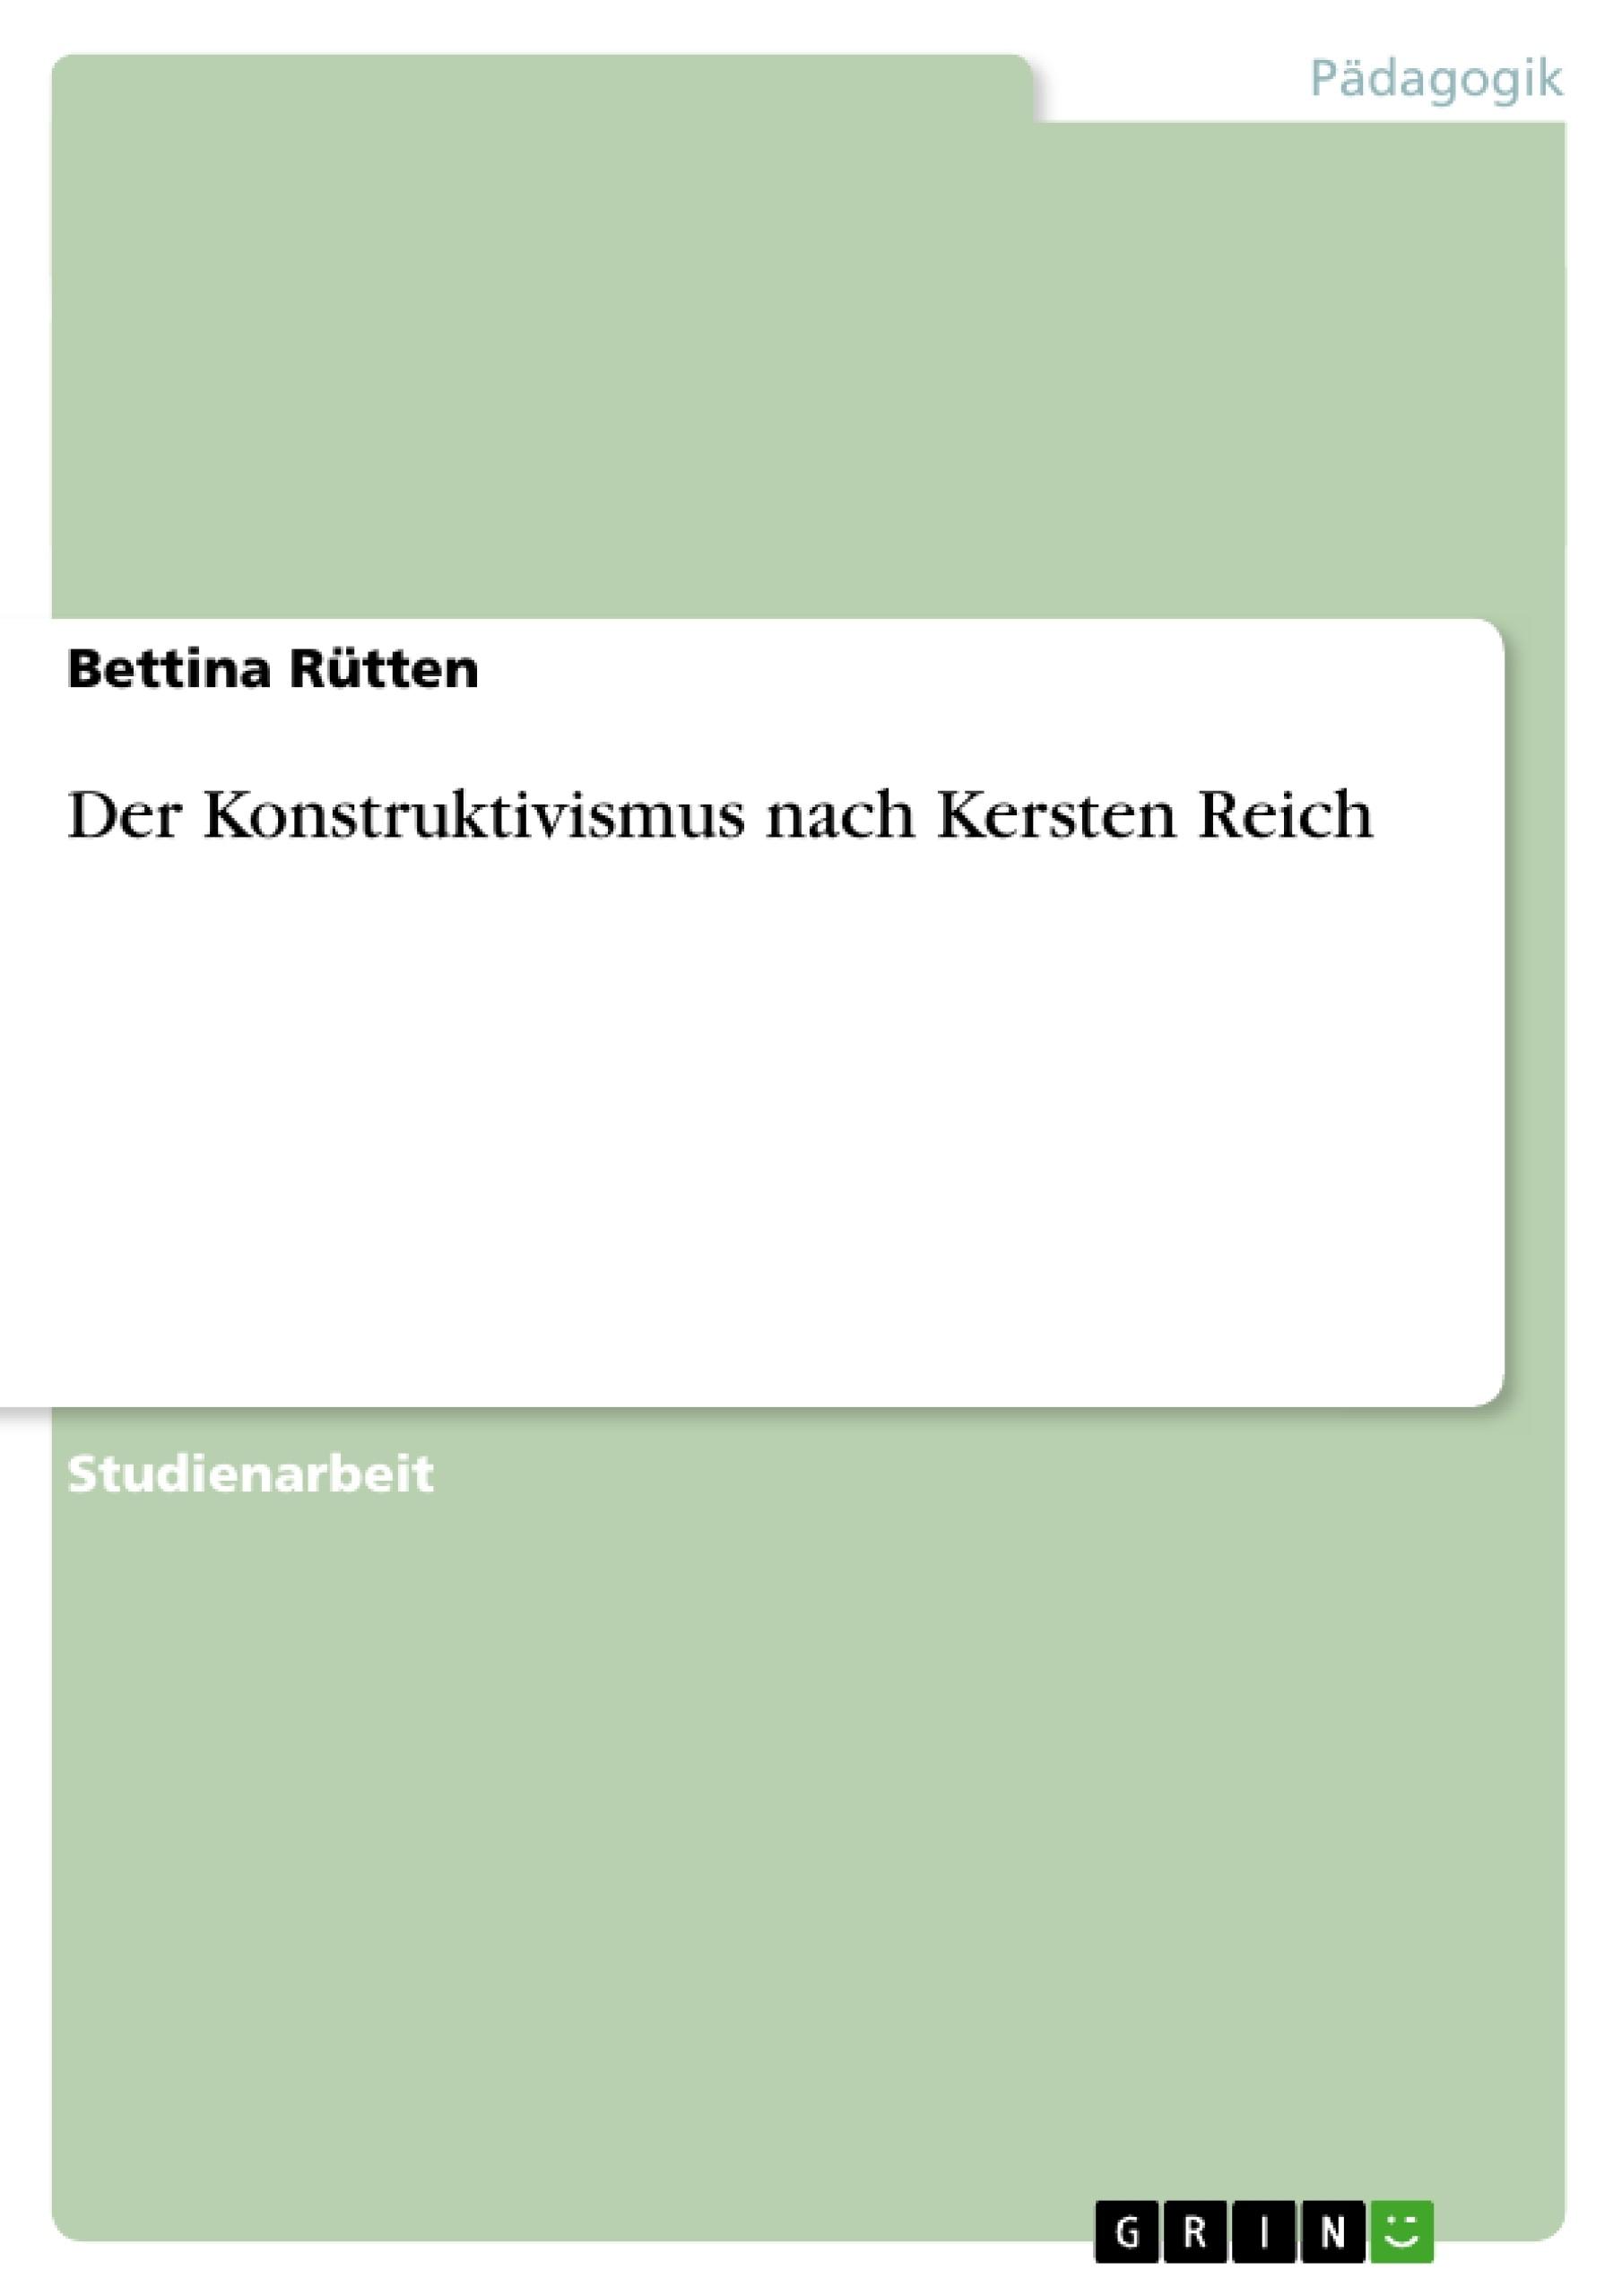 Titel: Der Konstruktivismus nach Kersten Reich